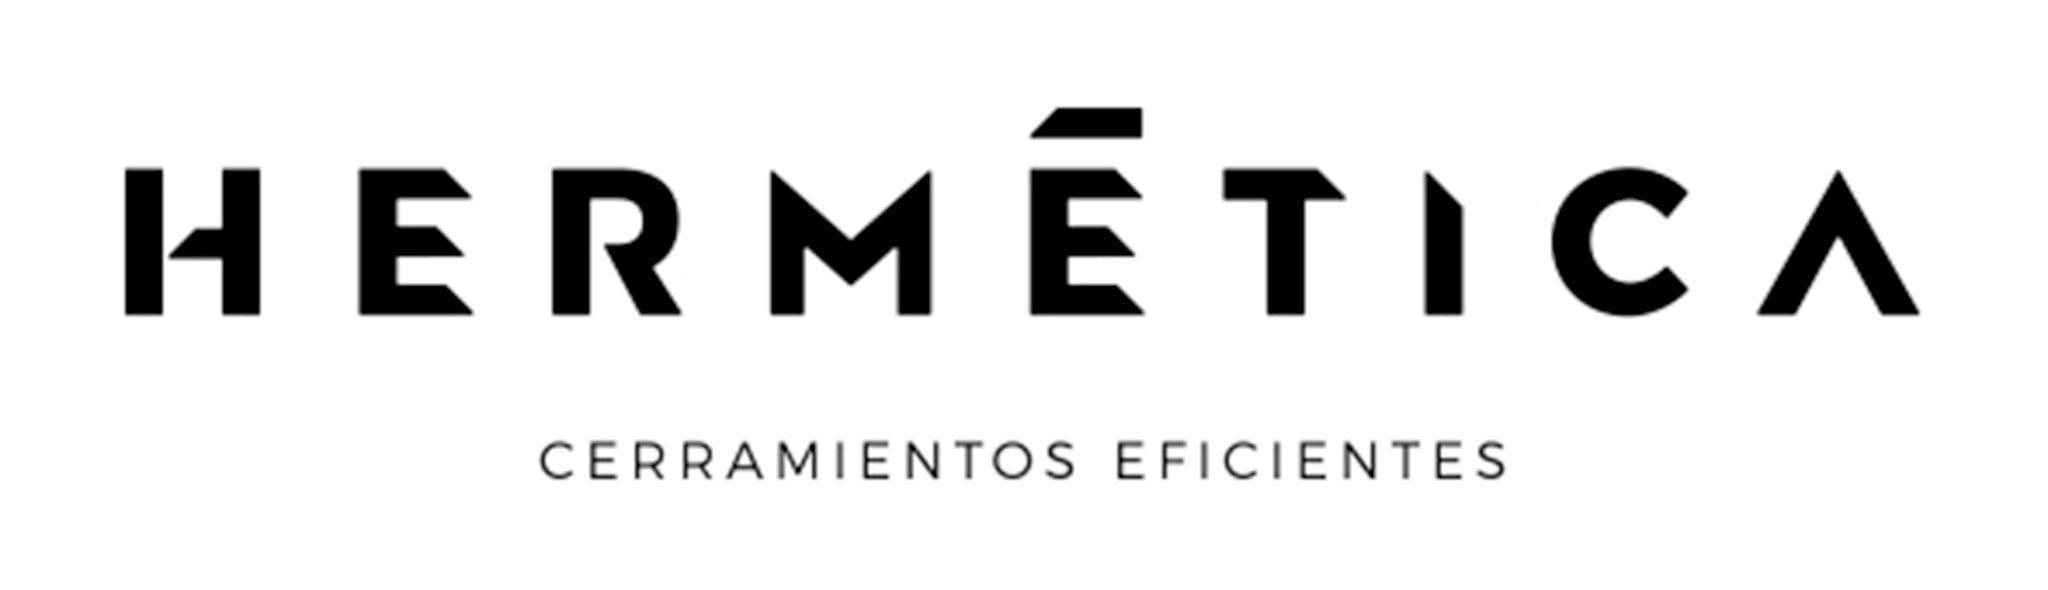 Logotipo de Hermética